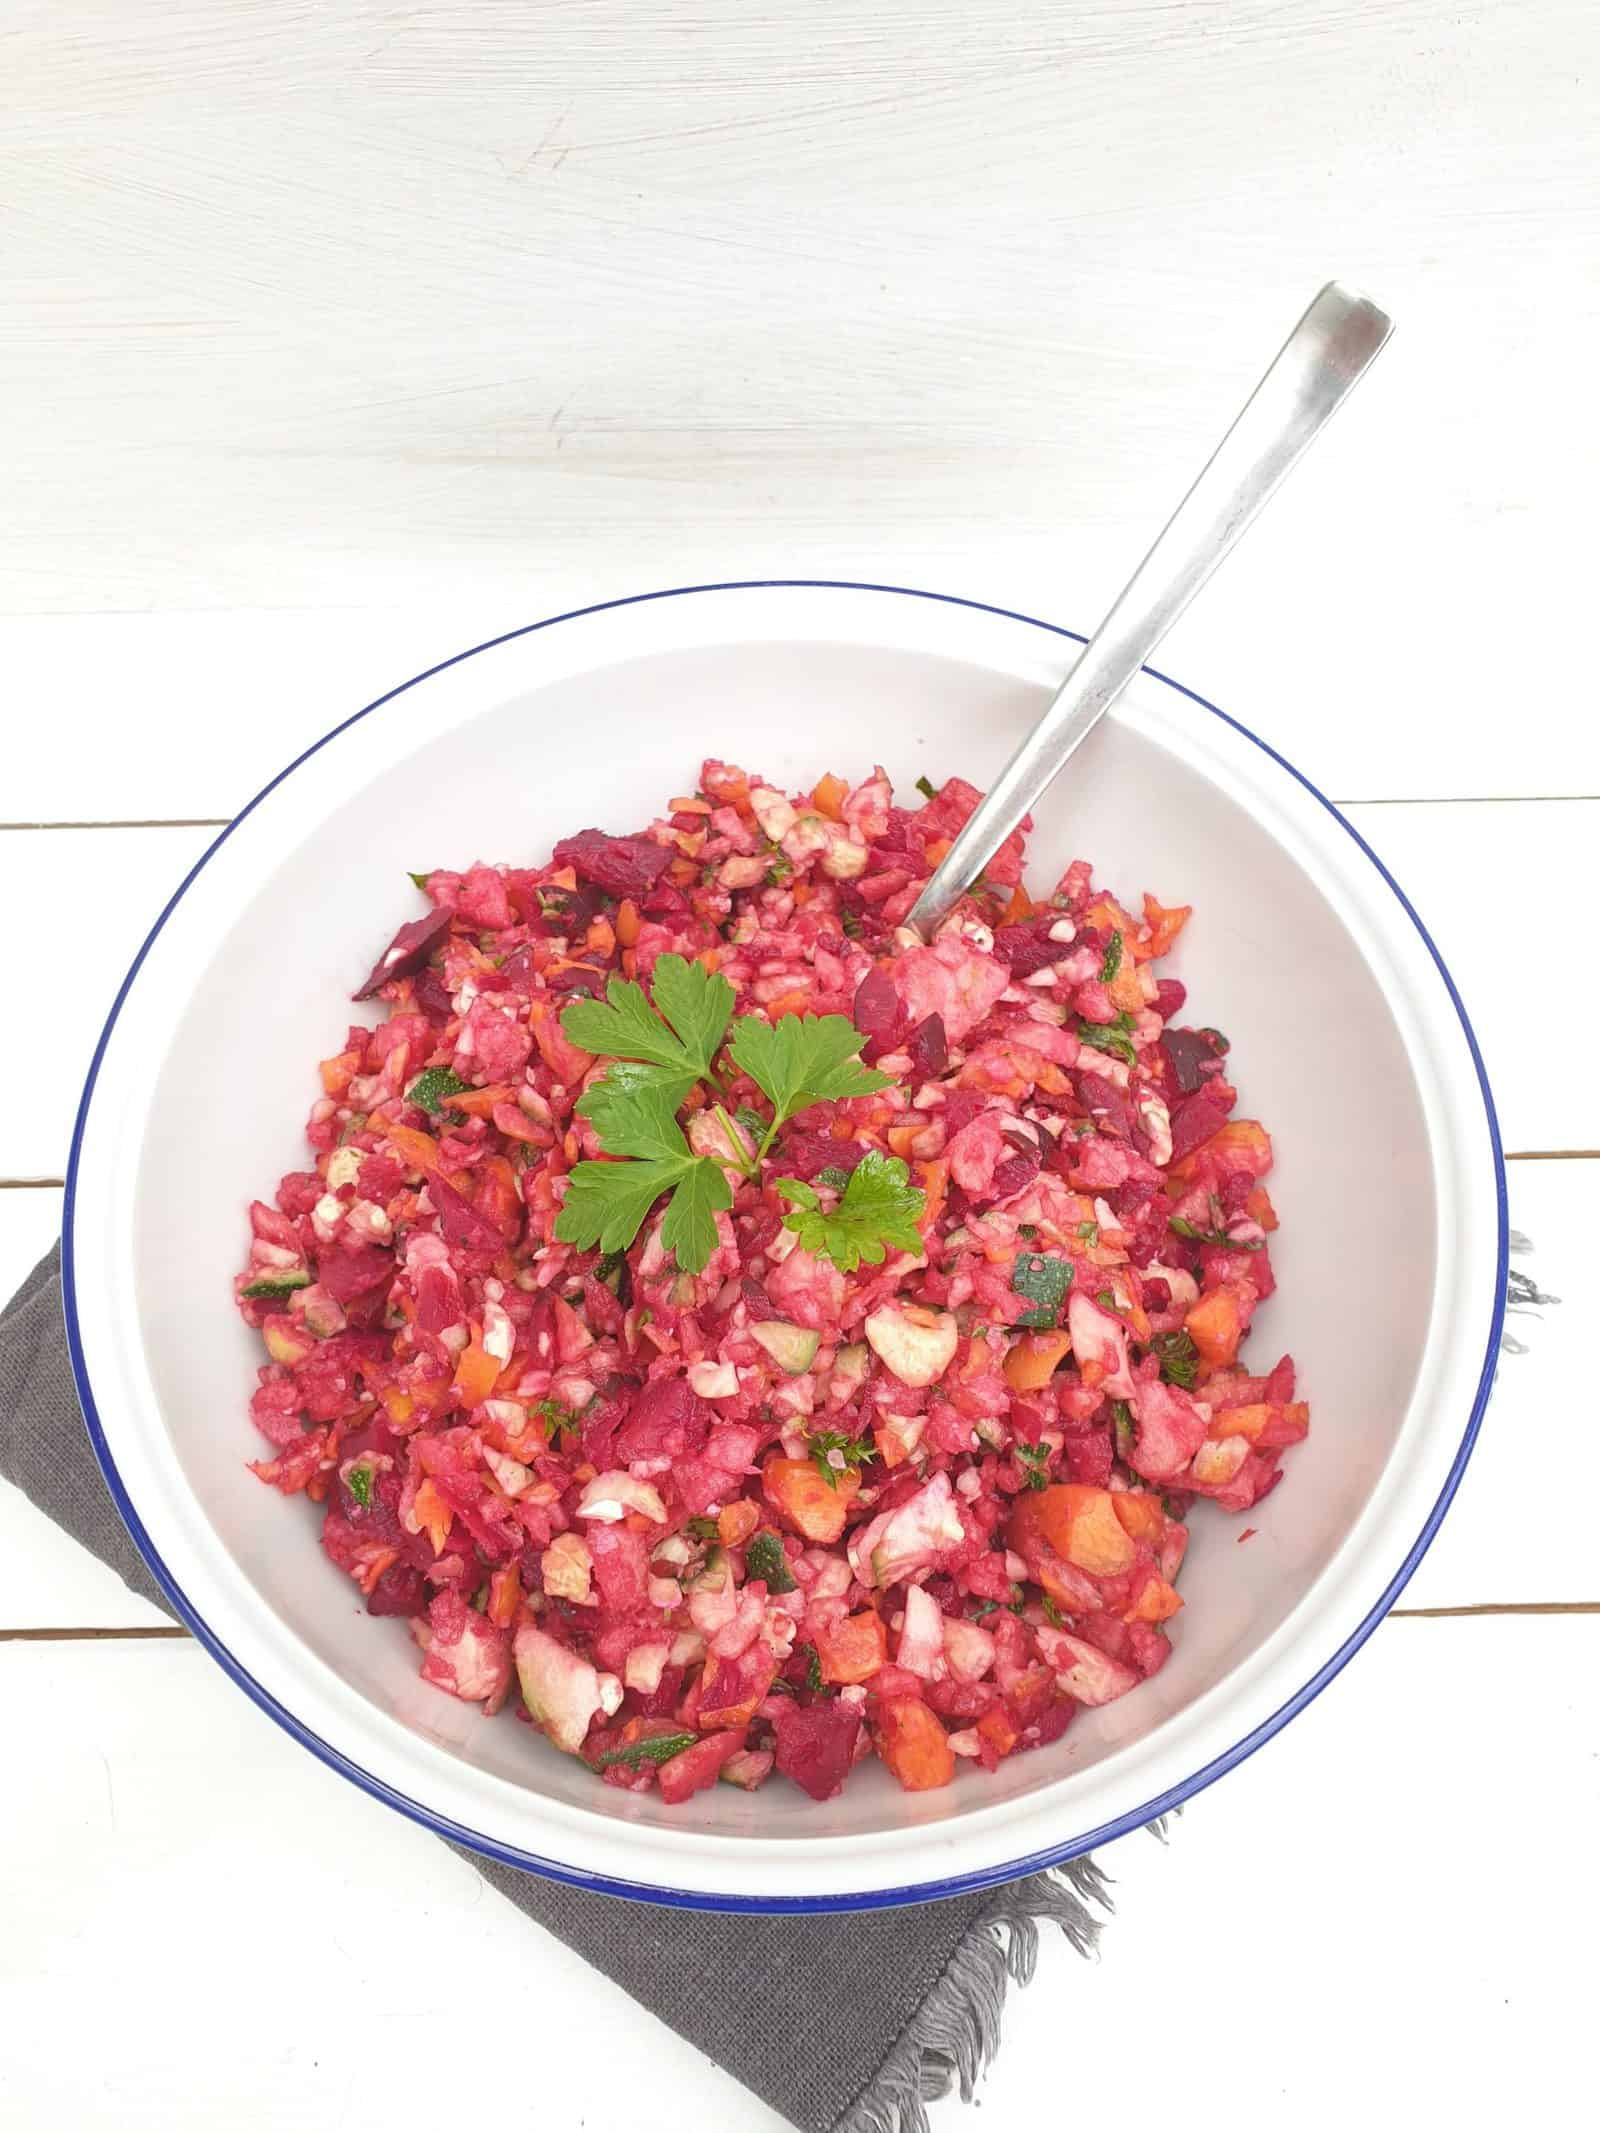 Rote-Bete-Salat mit Zucchini aus dem Thermomix® – Foto: Nicole Stroschein